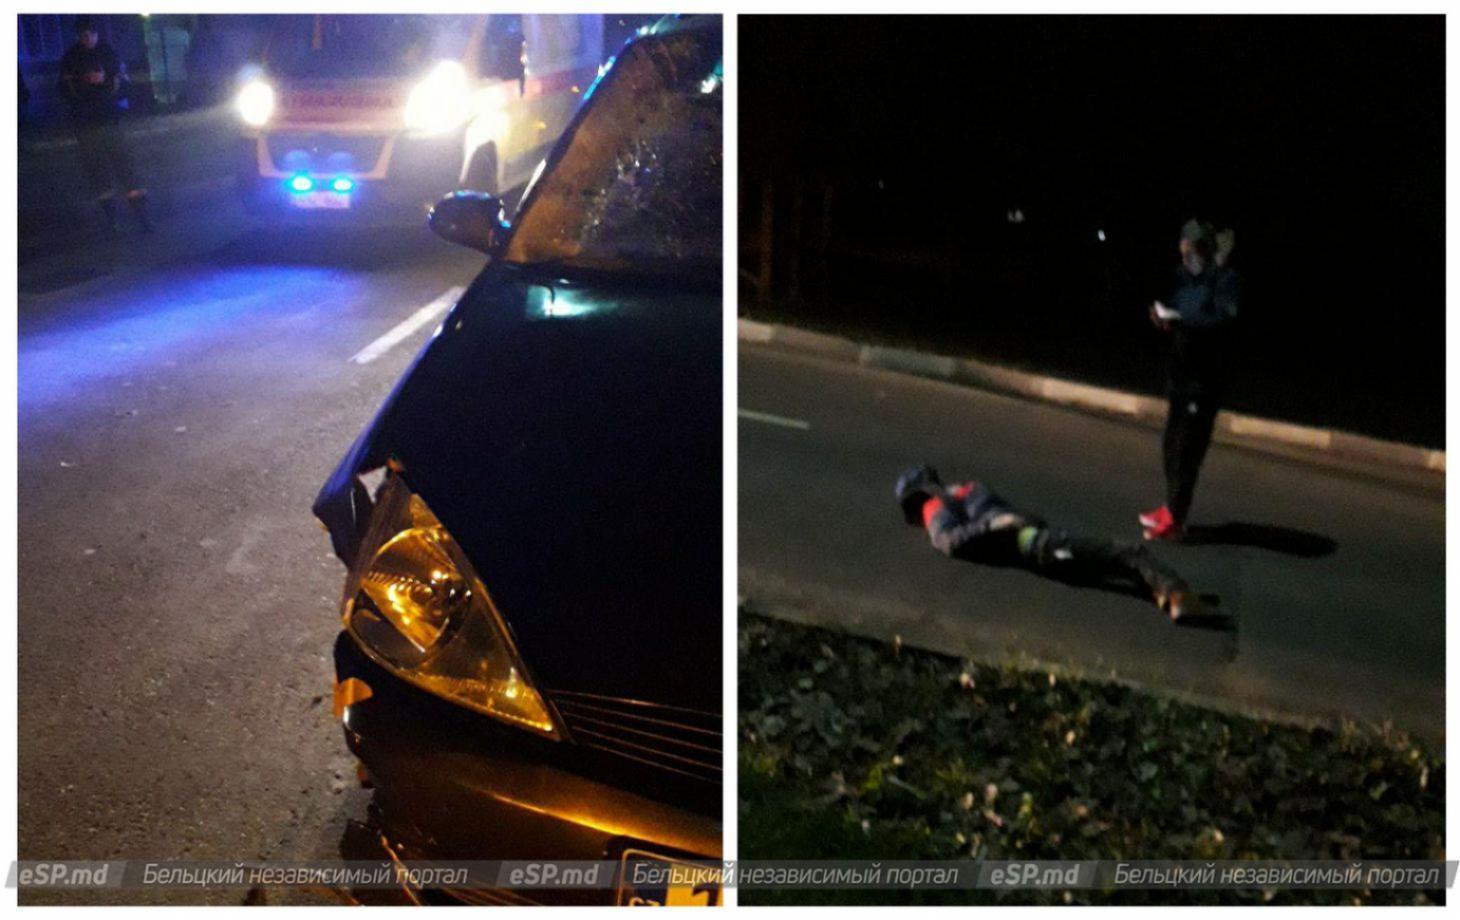 ФОТО | В Бельцах на набережной сбили двух пешеходов. На месте погибла женщина